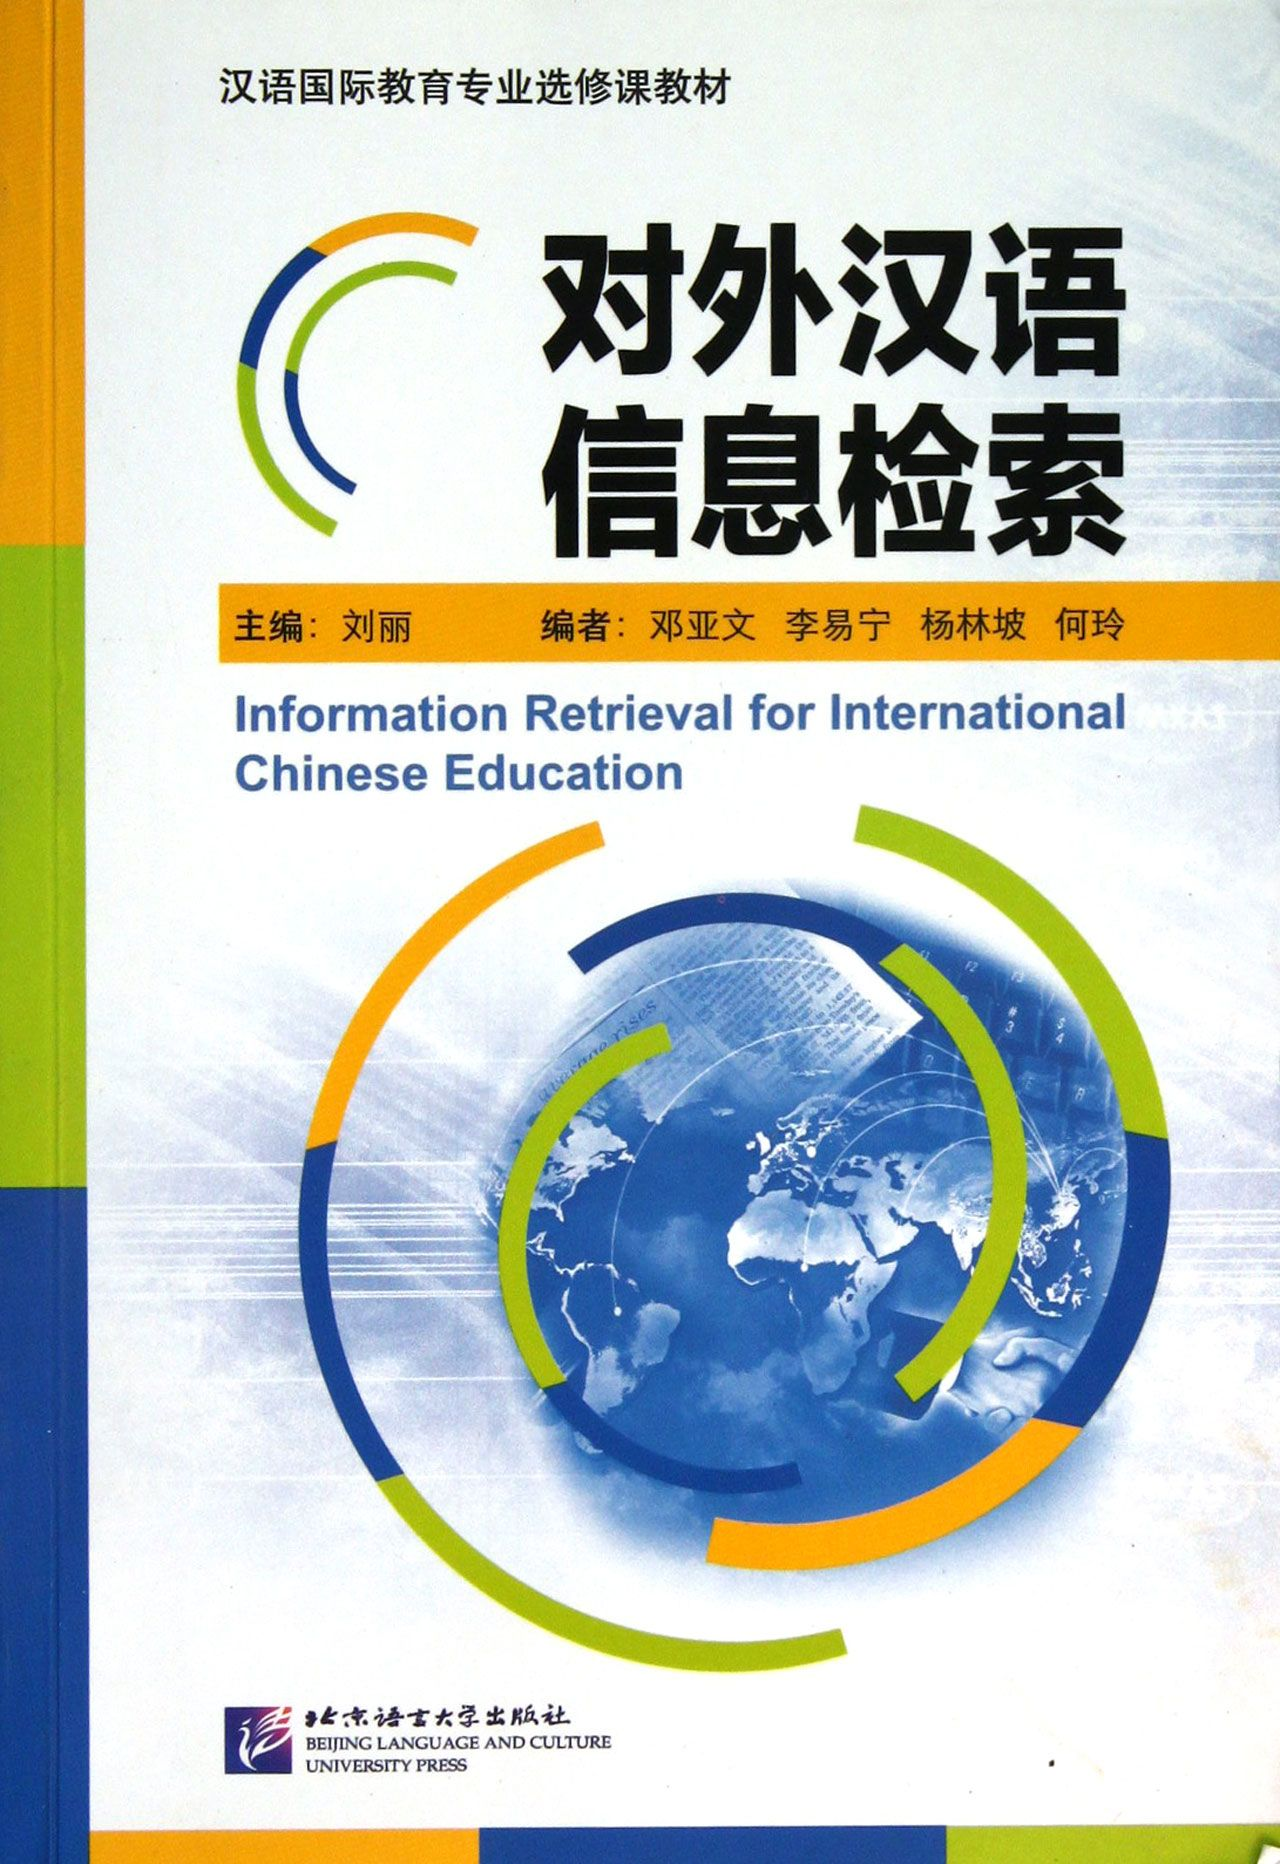 第一章 信息素养 本章提要 1.1 引言 1.1.1 信息、知识与文献 1.1.2 文献的主要类型 1.2 信息素养 1.2.1 信息素养的内容 1.2.2 信息素养的标准 1.2.3 信息素养如何养成 1.2.4 信息素养教育的意义 1.2.5 世界各国信息素质教育的现状 1.3 来华留学生信息素质教育 1.3.1 来华留学生在信皂捡索能力和信息素养方面的特点 1.